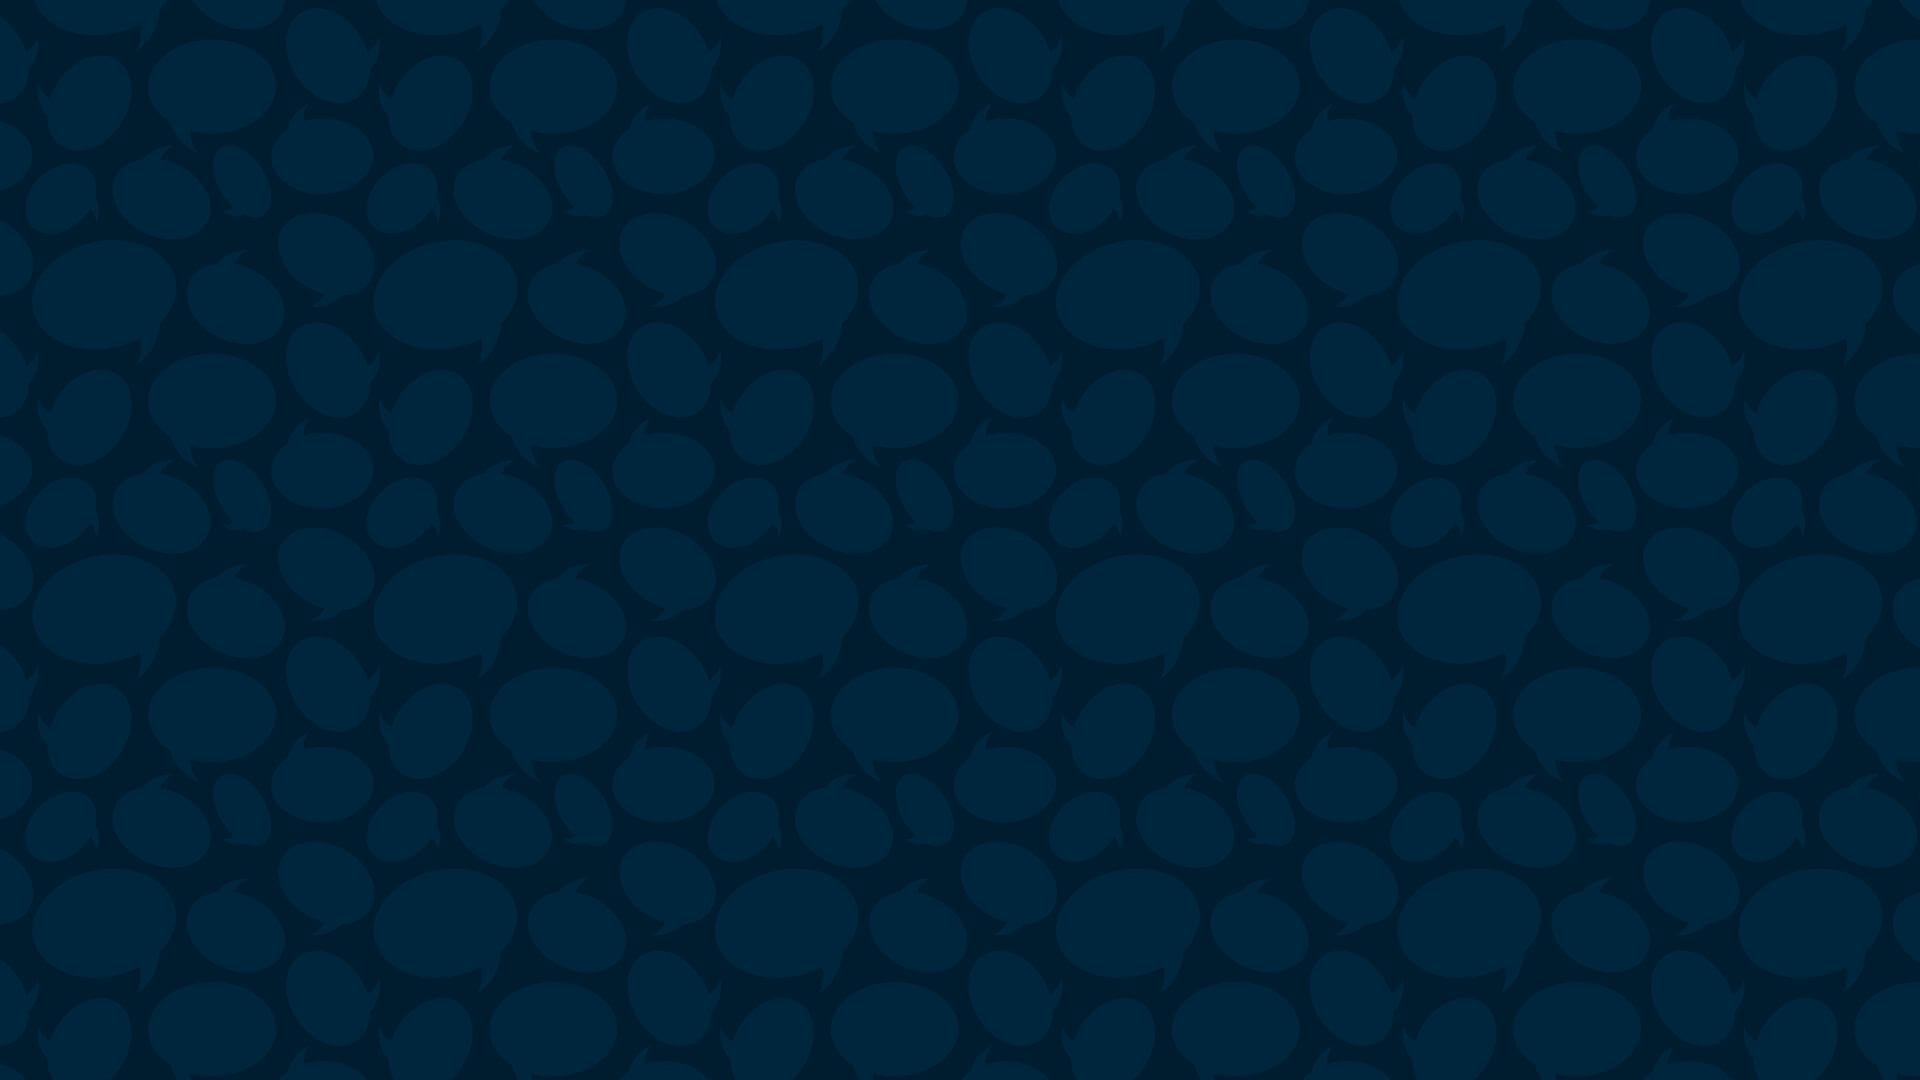 Hintergrund mit hoher Auflösung Emoticoins